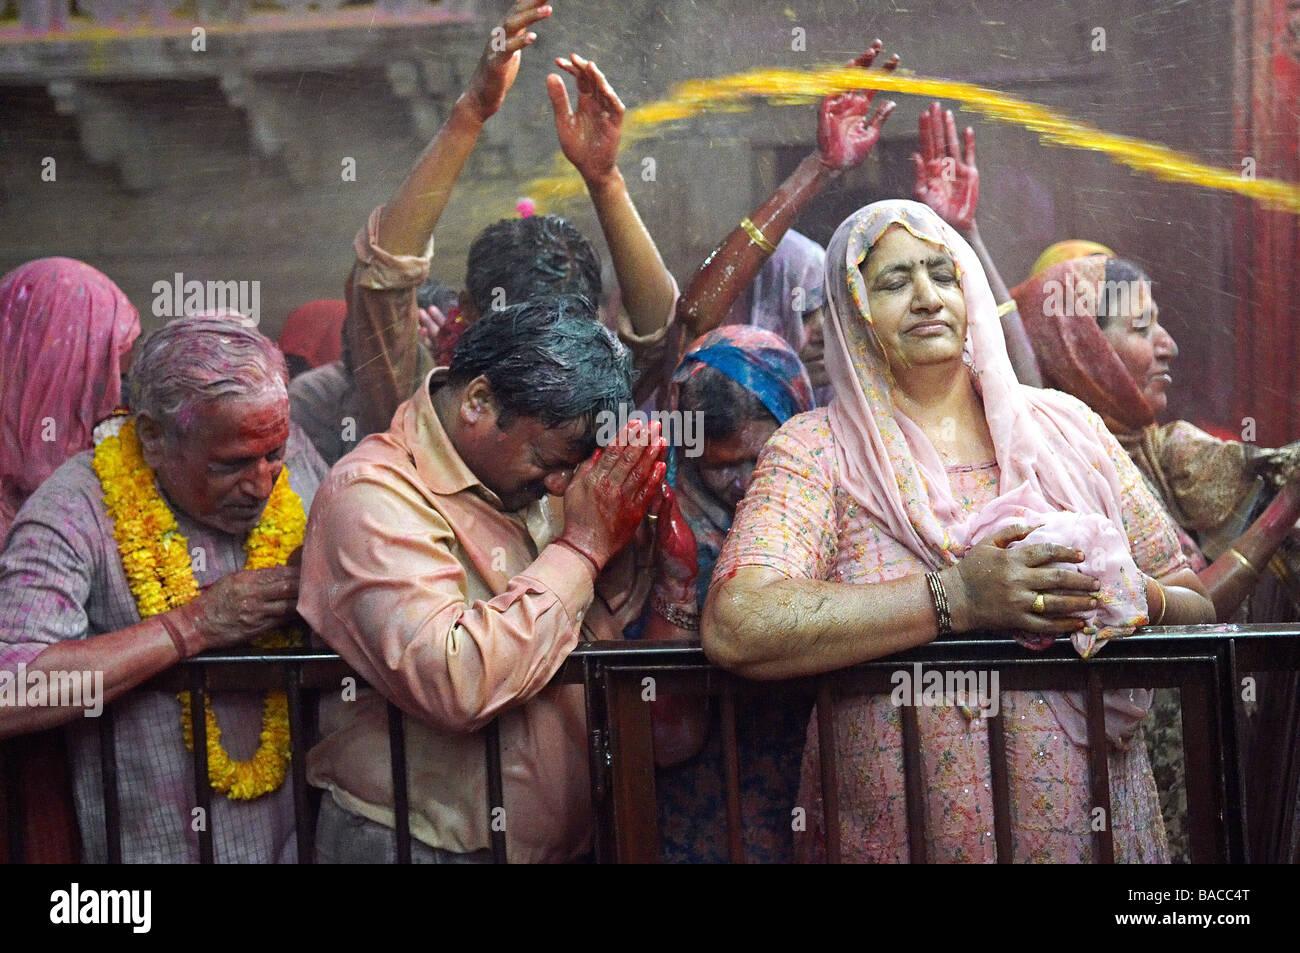 India, Uttar Pradesh, tempio dedicato al dio Krishna, Holi festival, il colore e il festival di primaveraFoto Stock